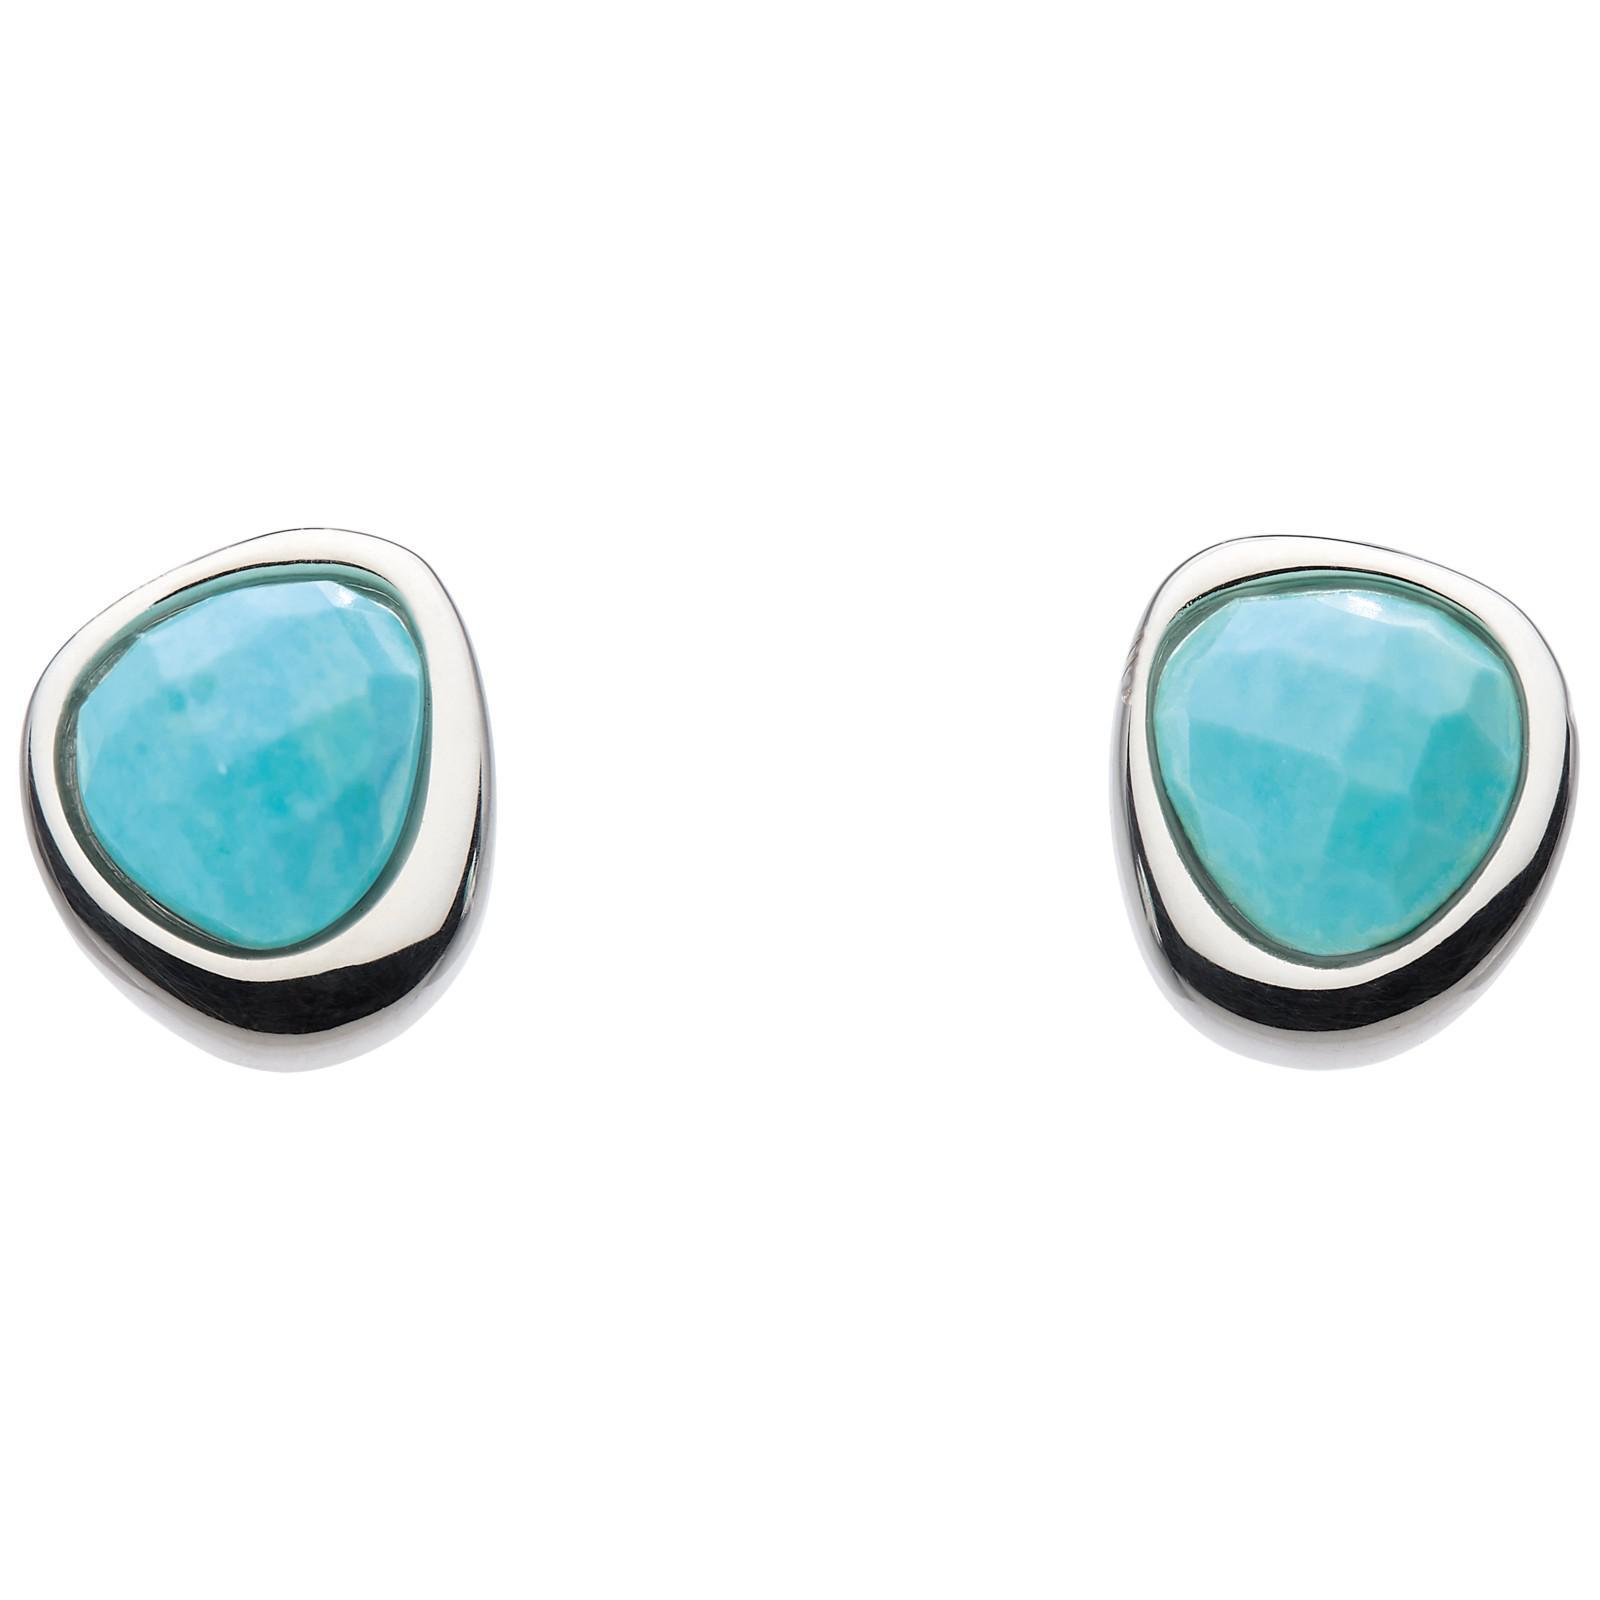 Kit Heath Coast Pebble Hammered Stud Earrings IevxFu2wbd